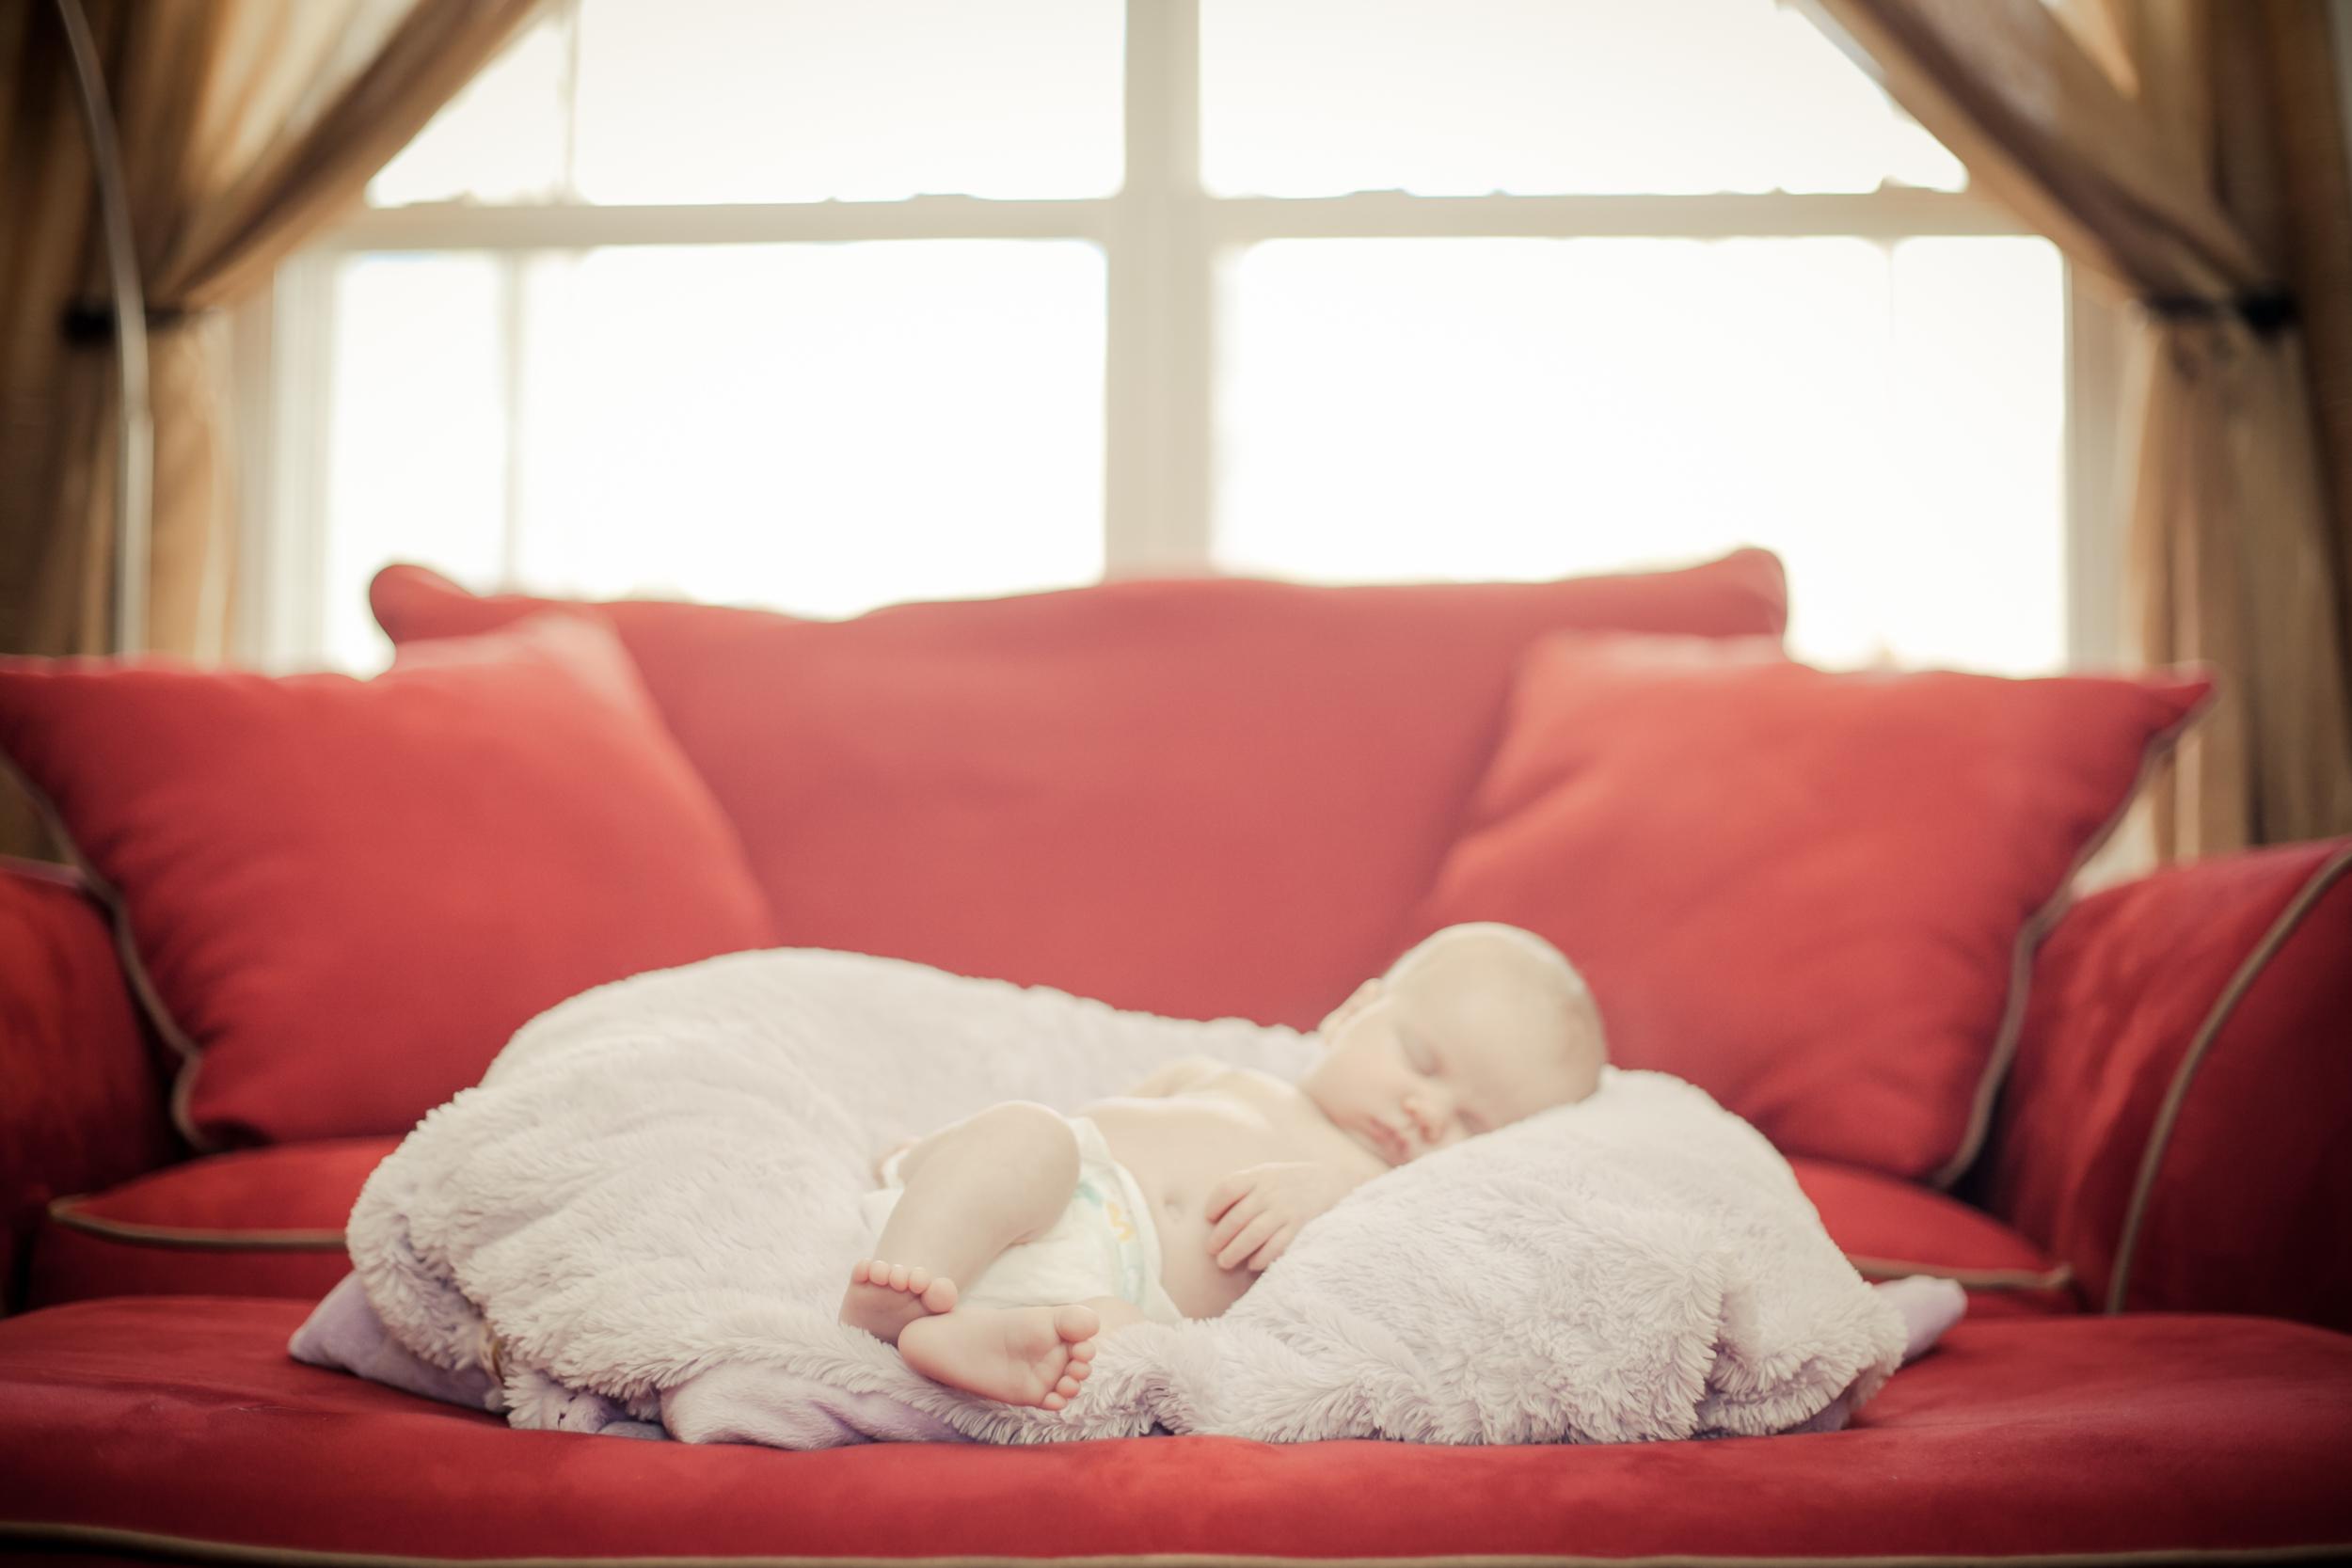 Richard Barlow Photography - Newborn Photography in North Carolina